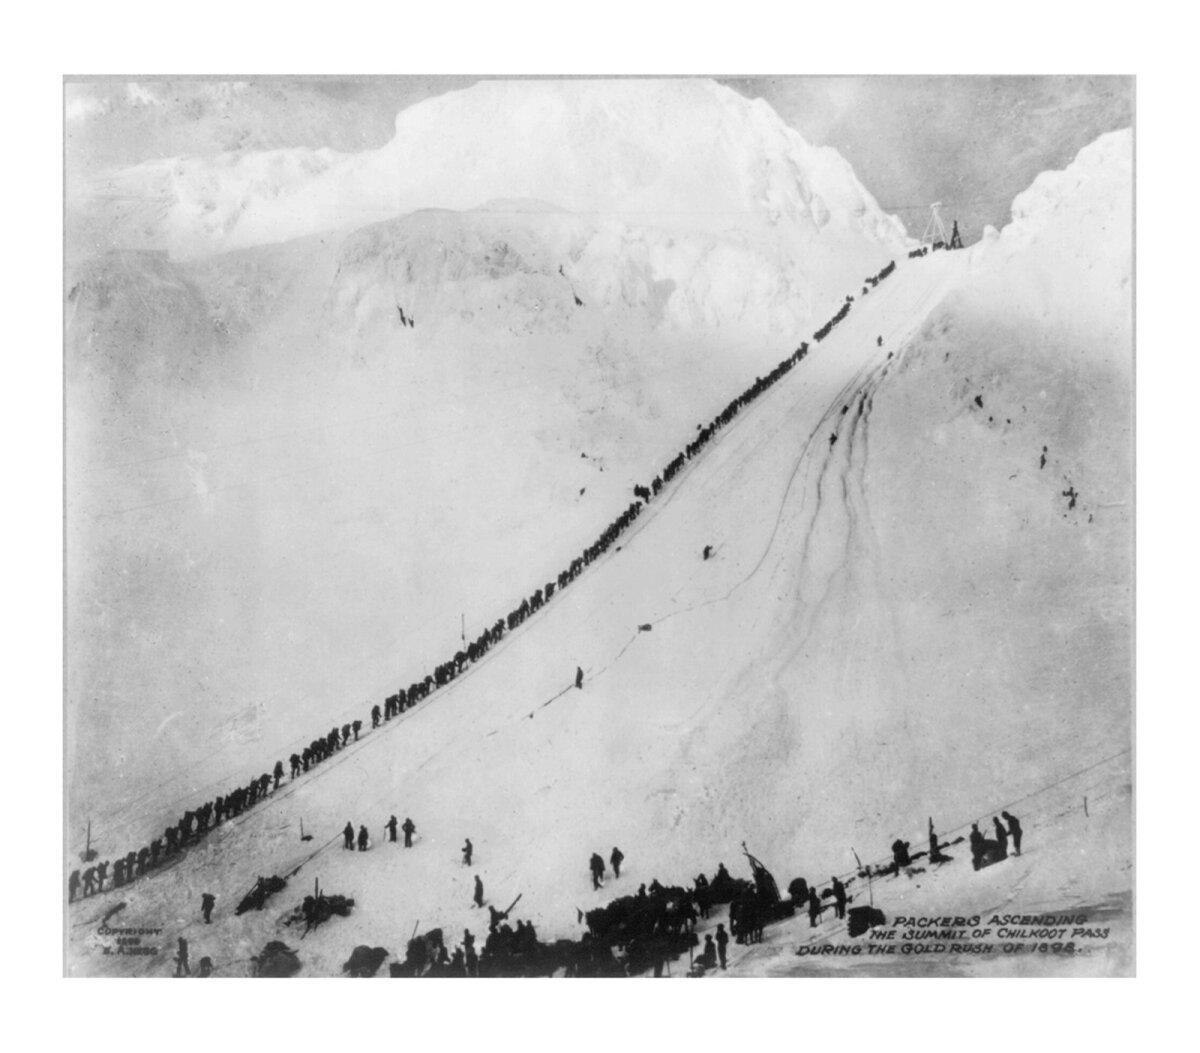 """Фото клондайкеров, поднимающихся на вершину перевала Чилкут во время """"золотой лихорадки"""" 1898 года"""